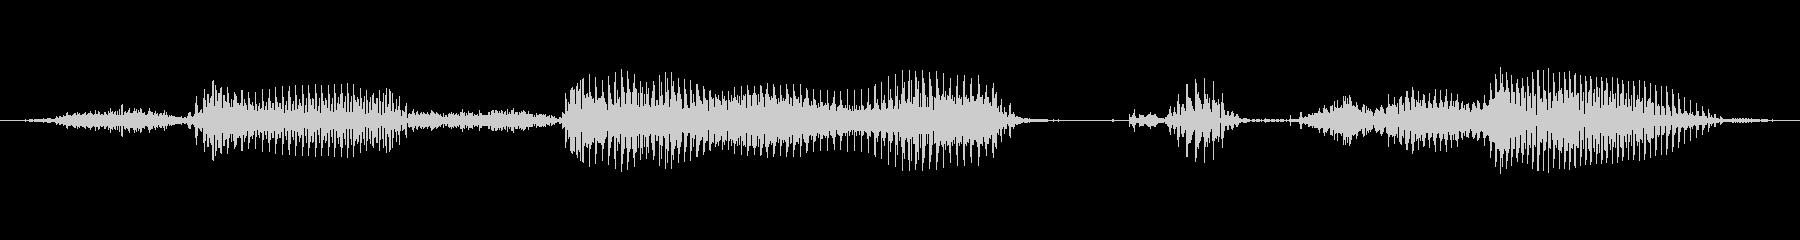 詳細はこちら(男性_明るい)の未再生の波形